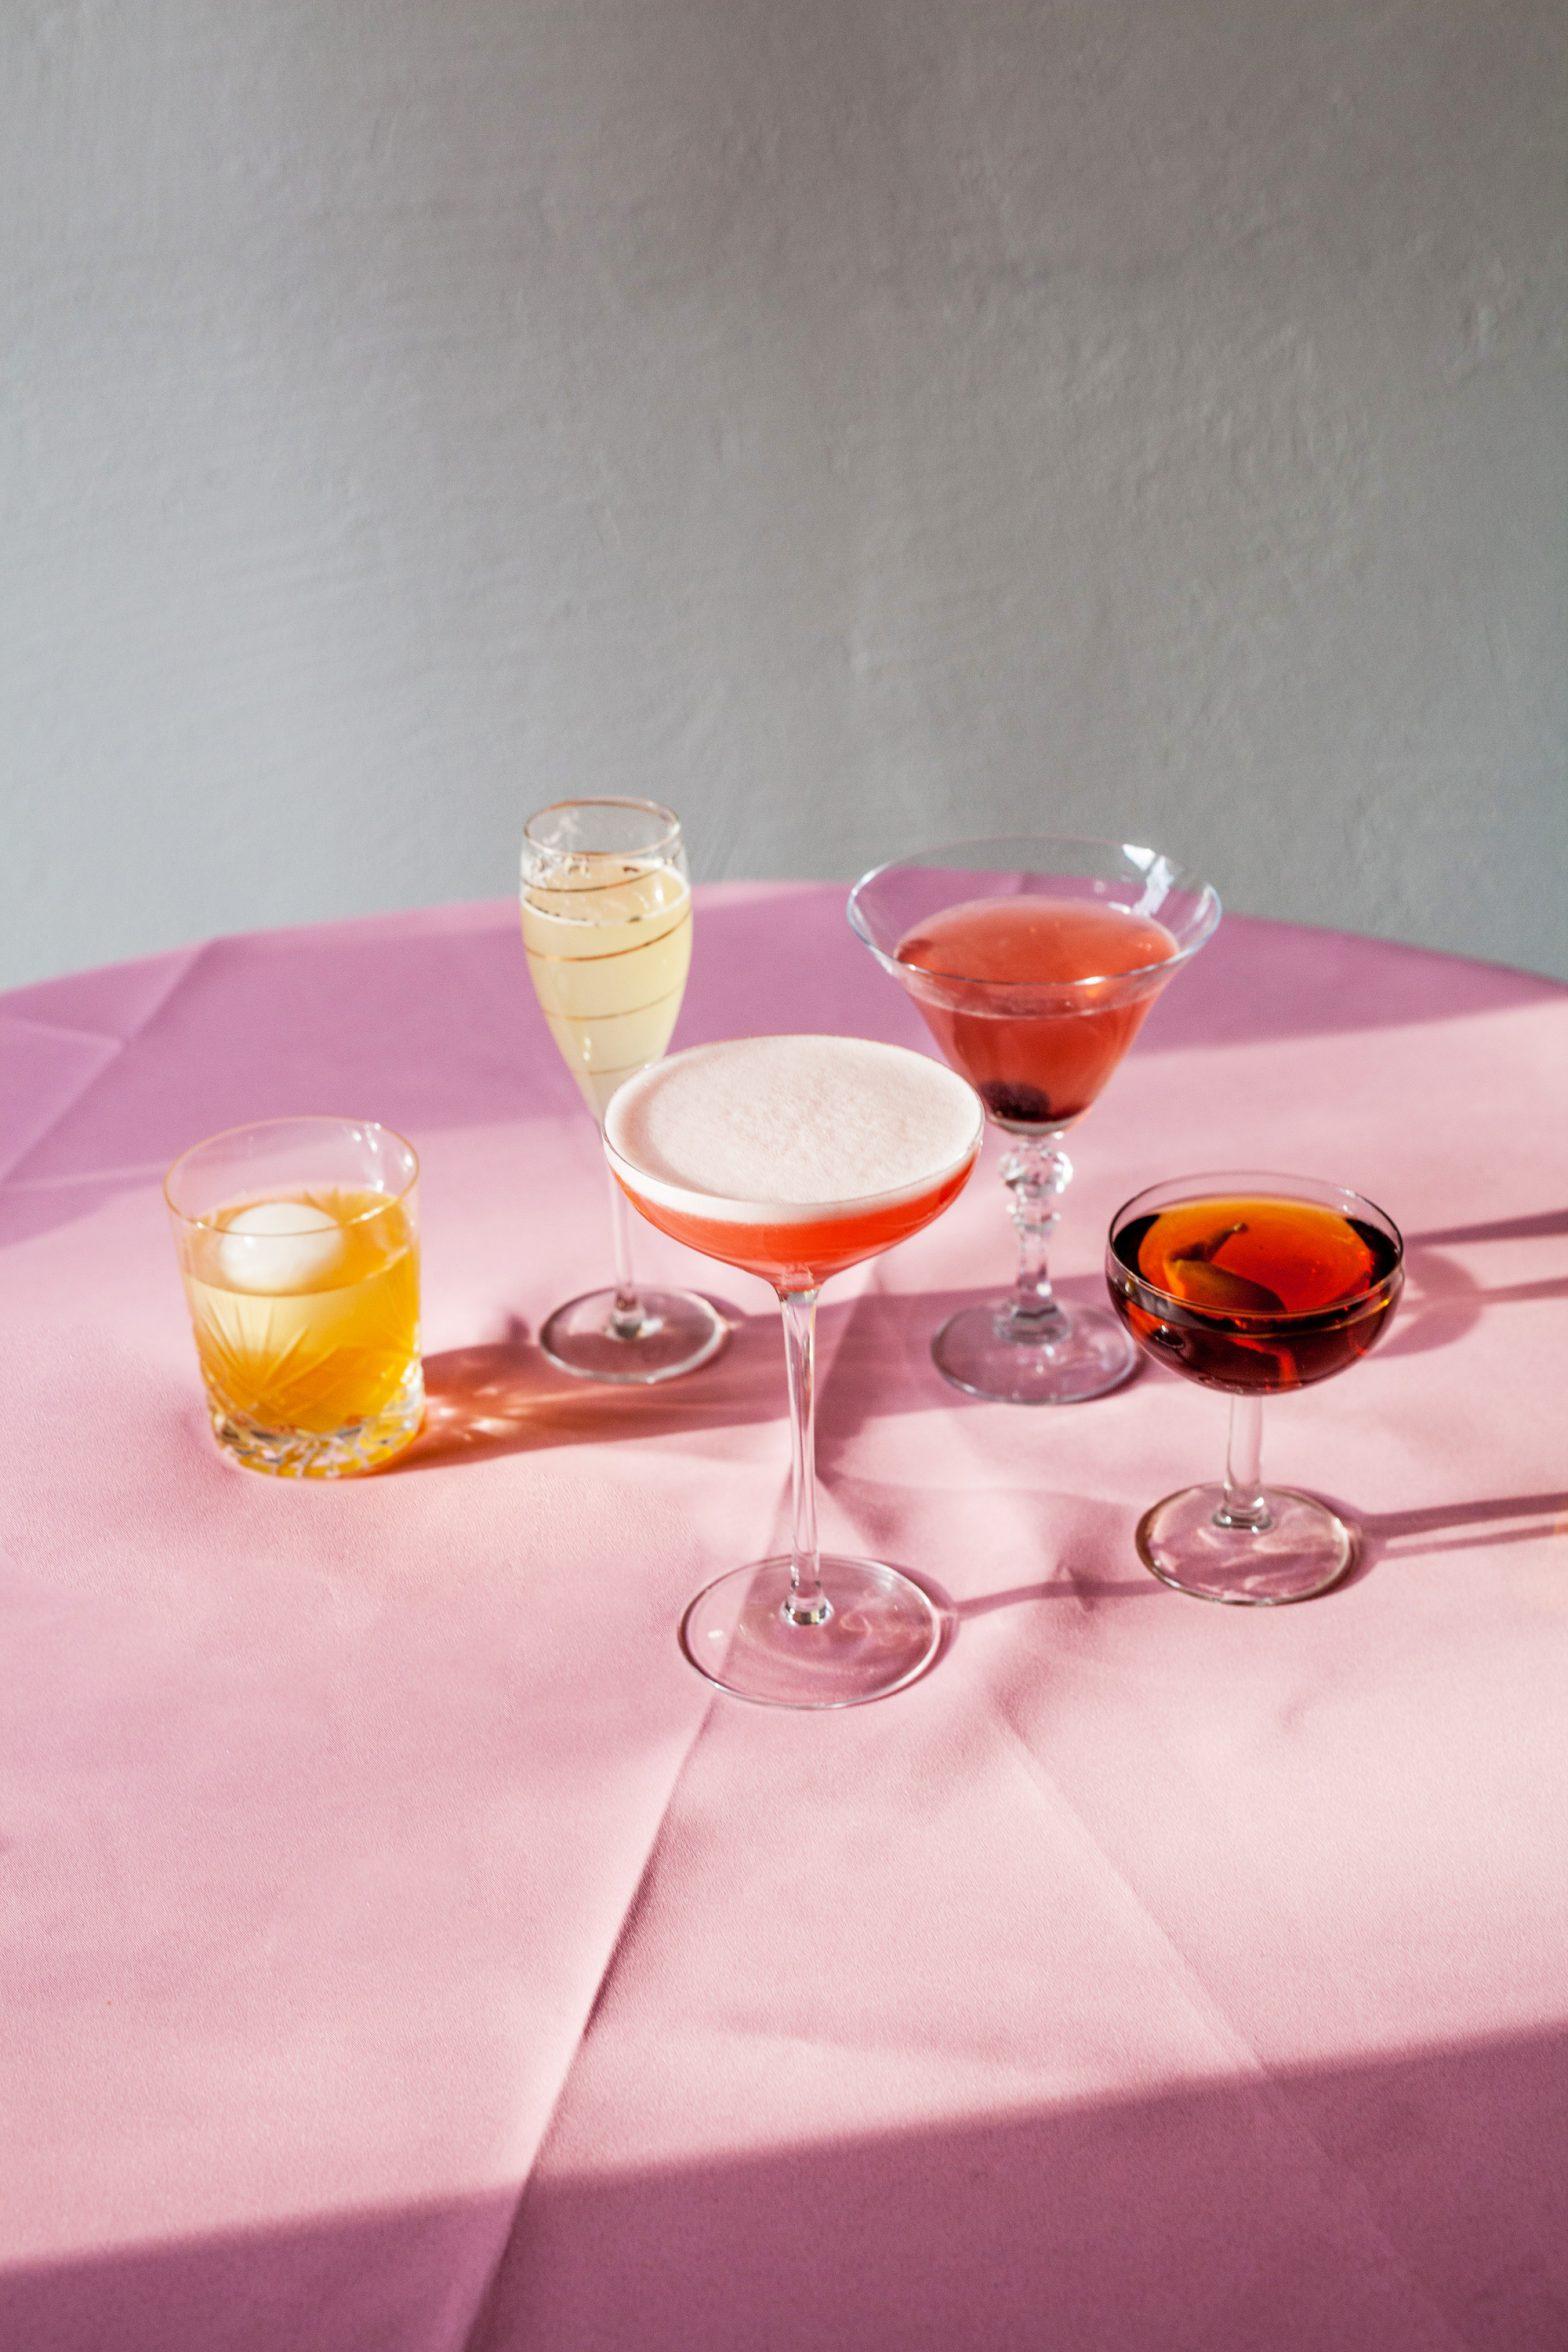 Wielka piątka czyli 5 najlepszych miejsc na drinka w Warszawie